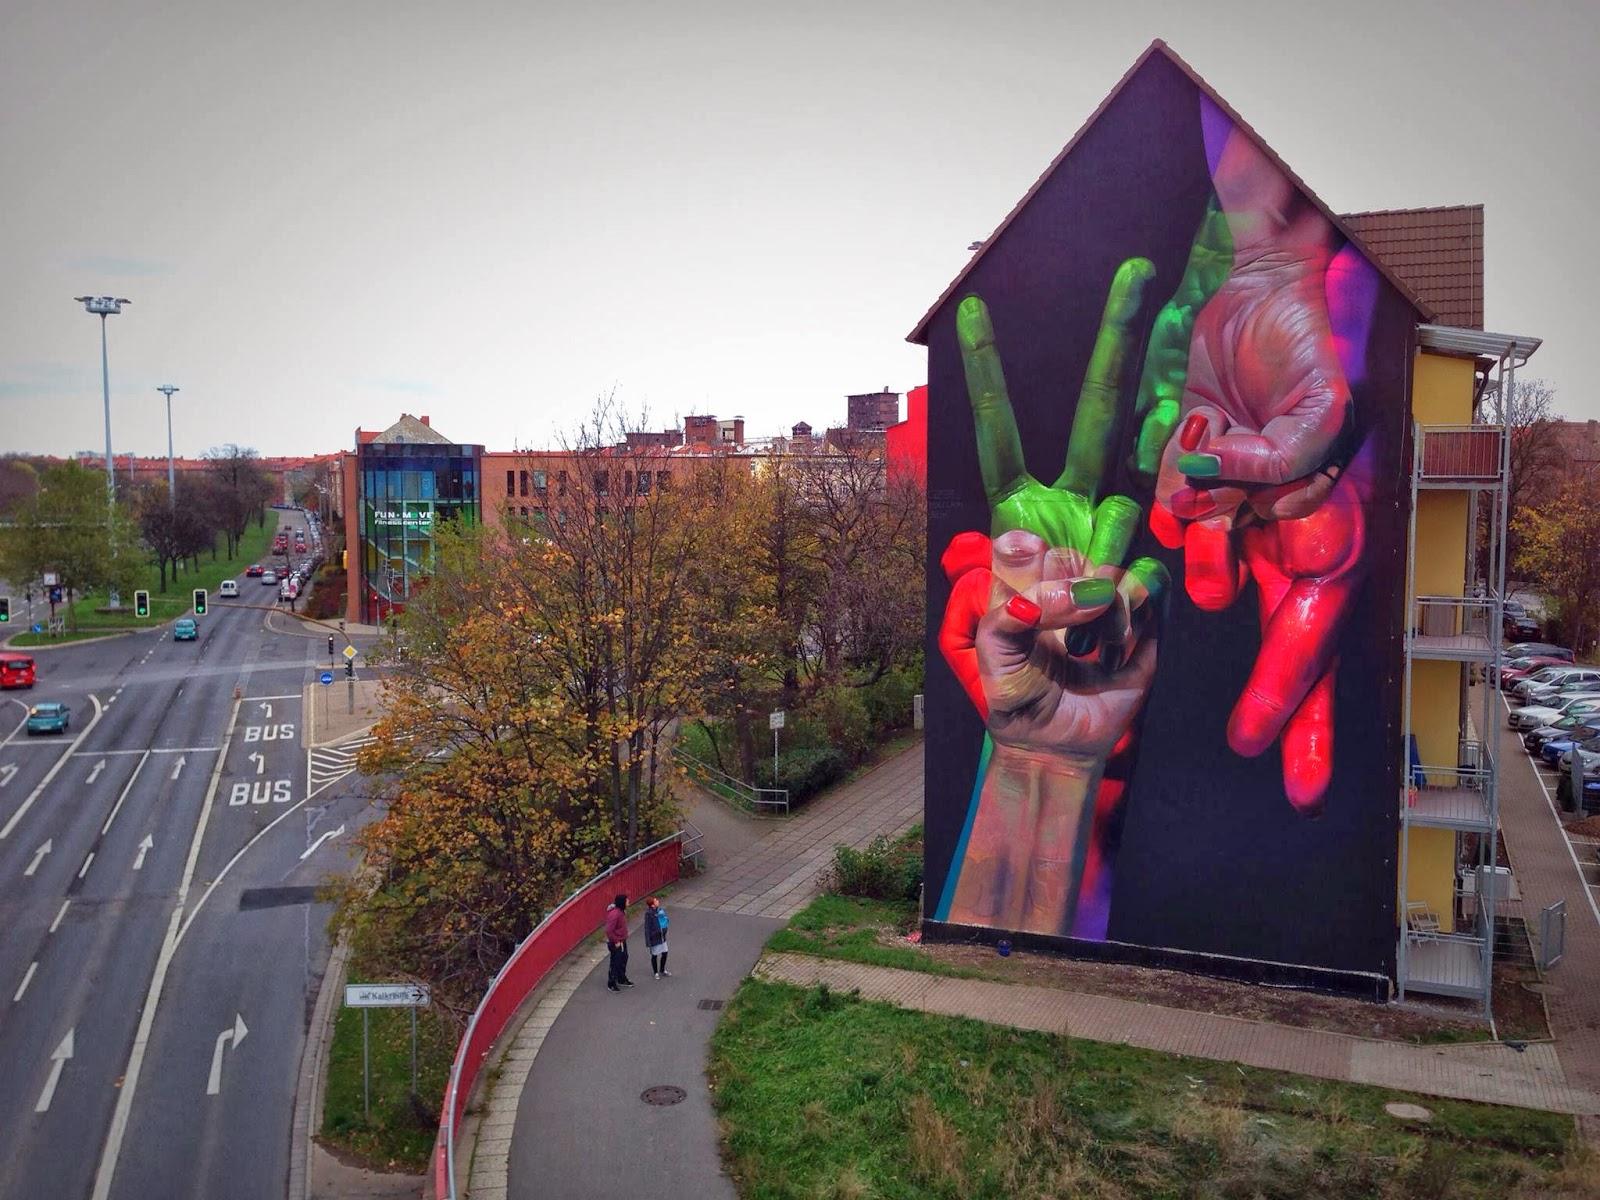 Case new mural for oq paint erfurt germany for Mural street art